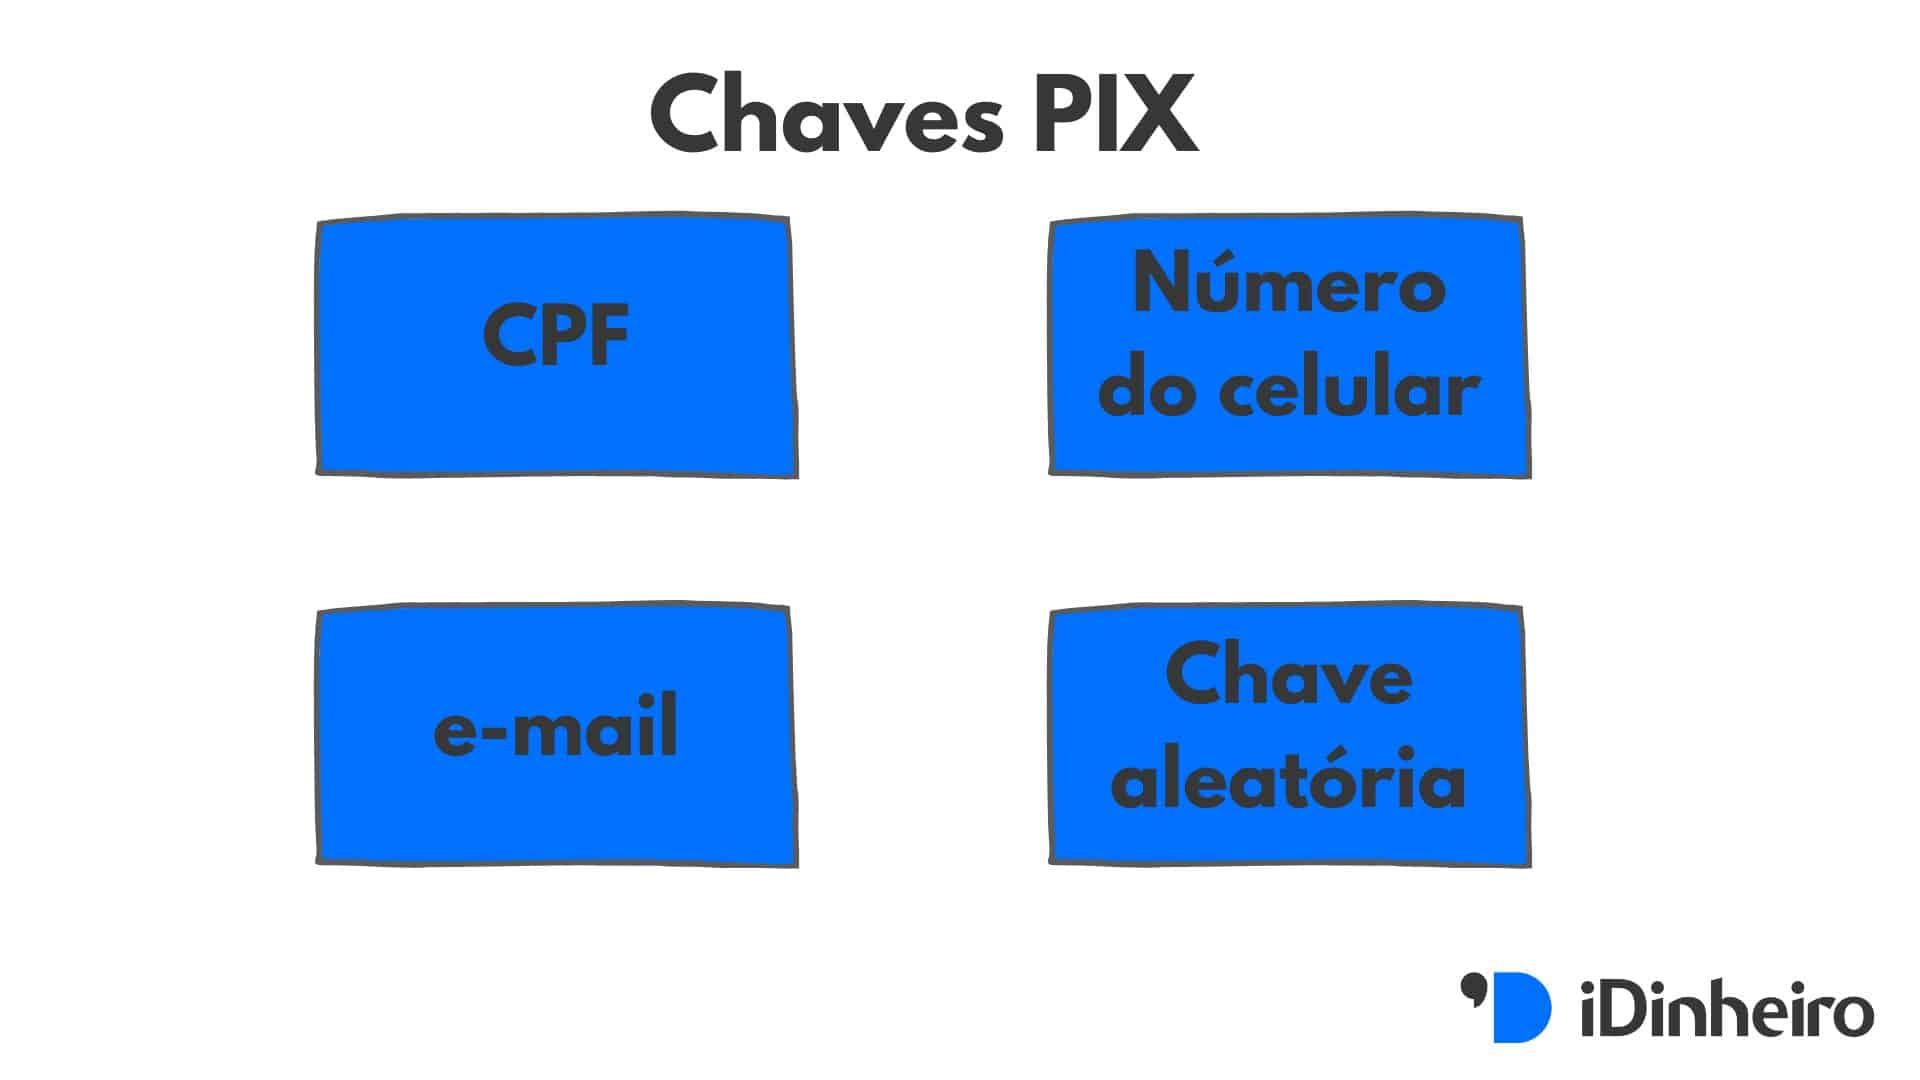 Opções de chave PIX